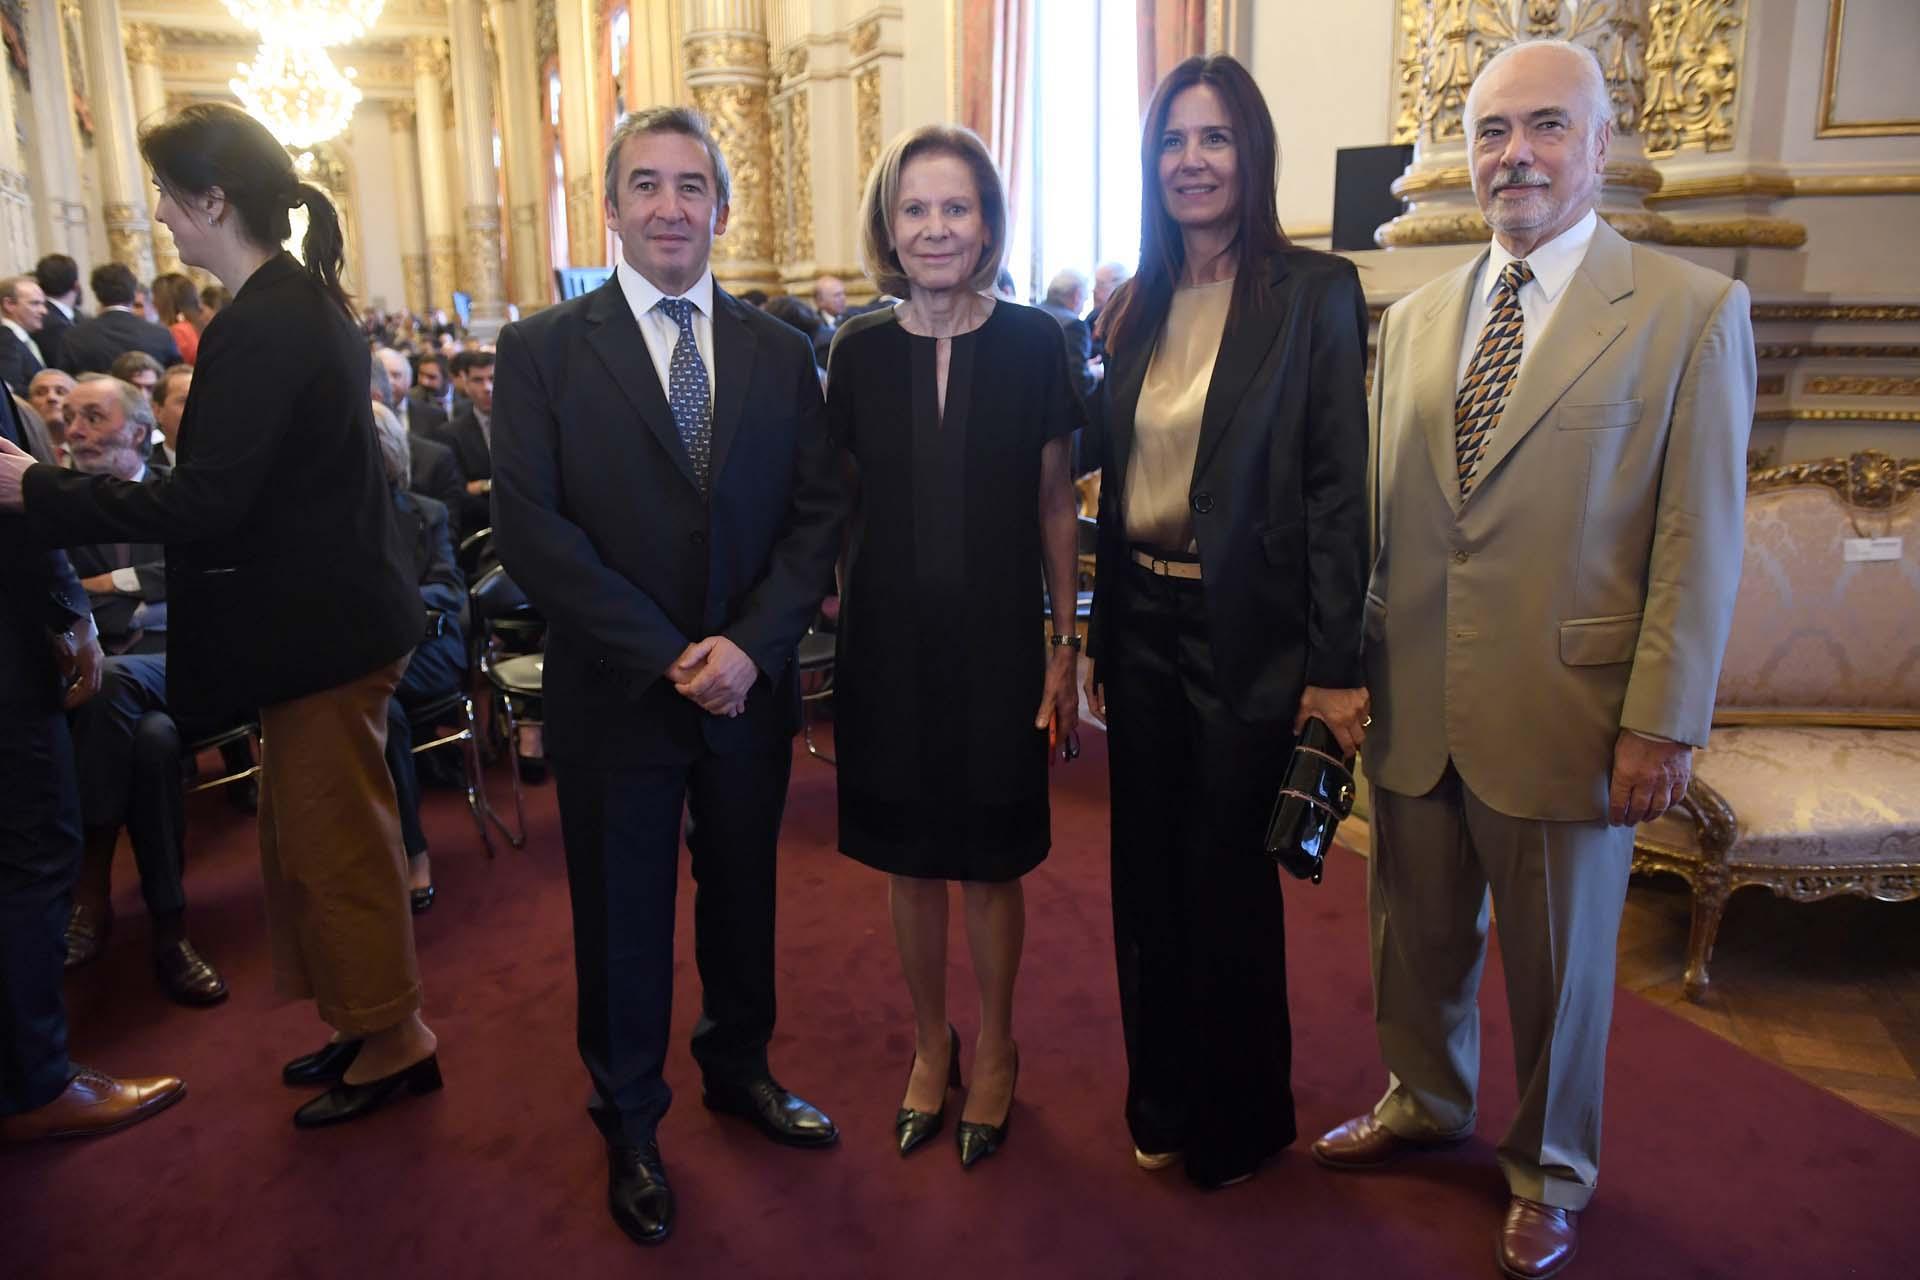 Los miembros del TSJ de CABA Santiago Otamendi, Inés Weinberg de Roca, Marcela de Langhe y Luis Lozano.